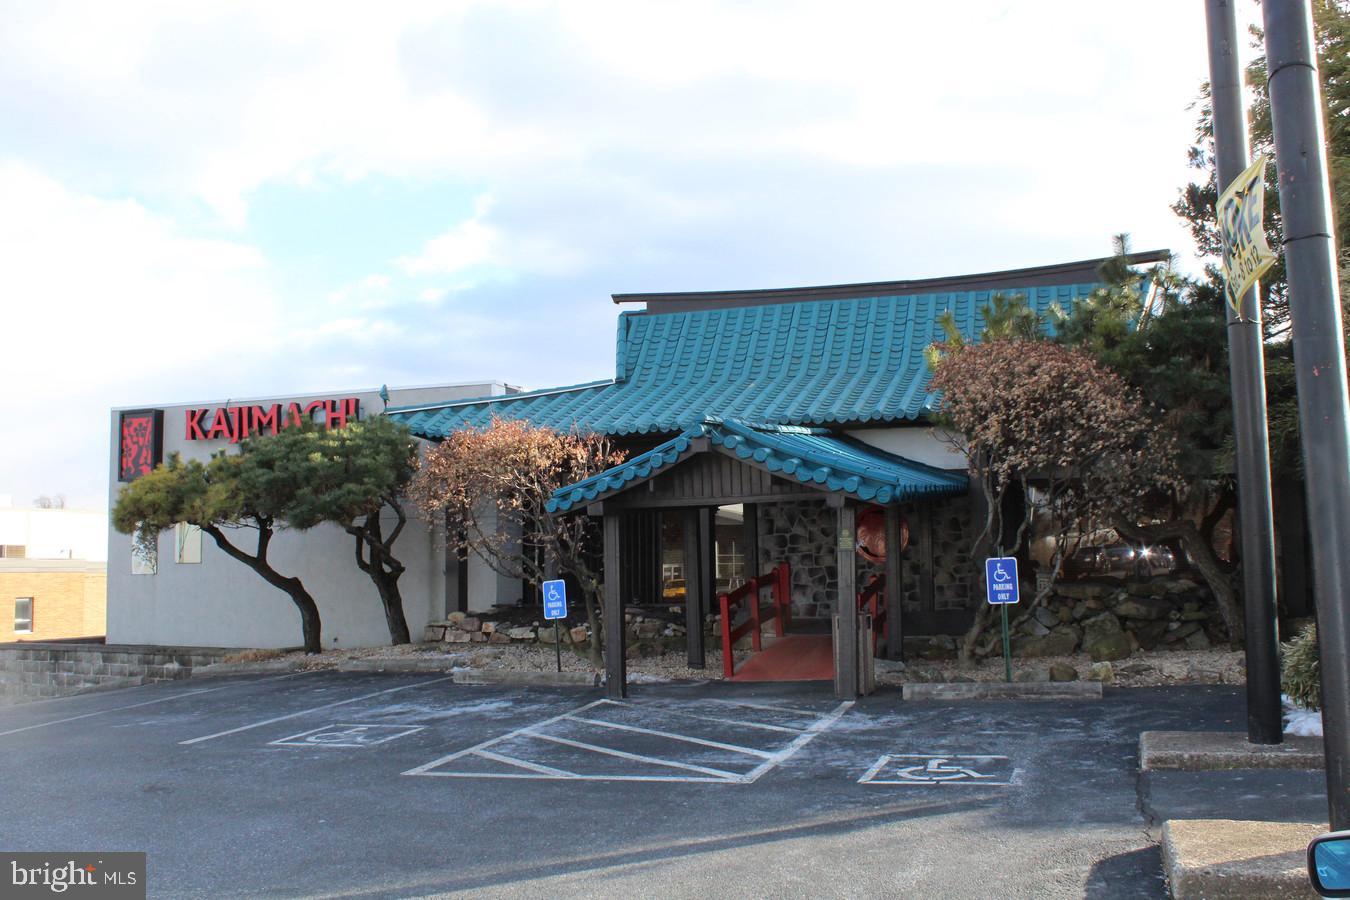 Λιανεμποριο για την Πώληση στο Harrisburg, Πενσιλβανια 17111 Ηνωμένες Πολιτείες